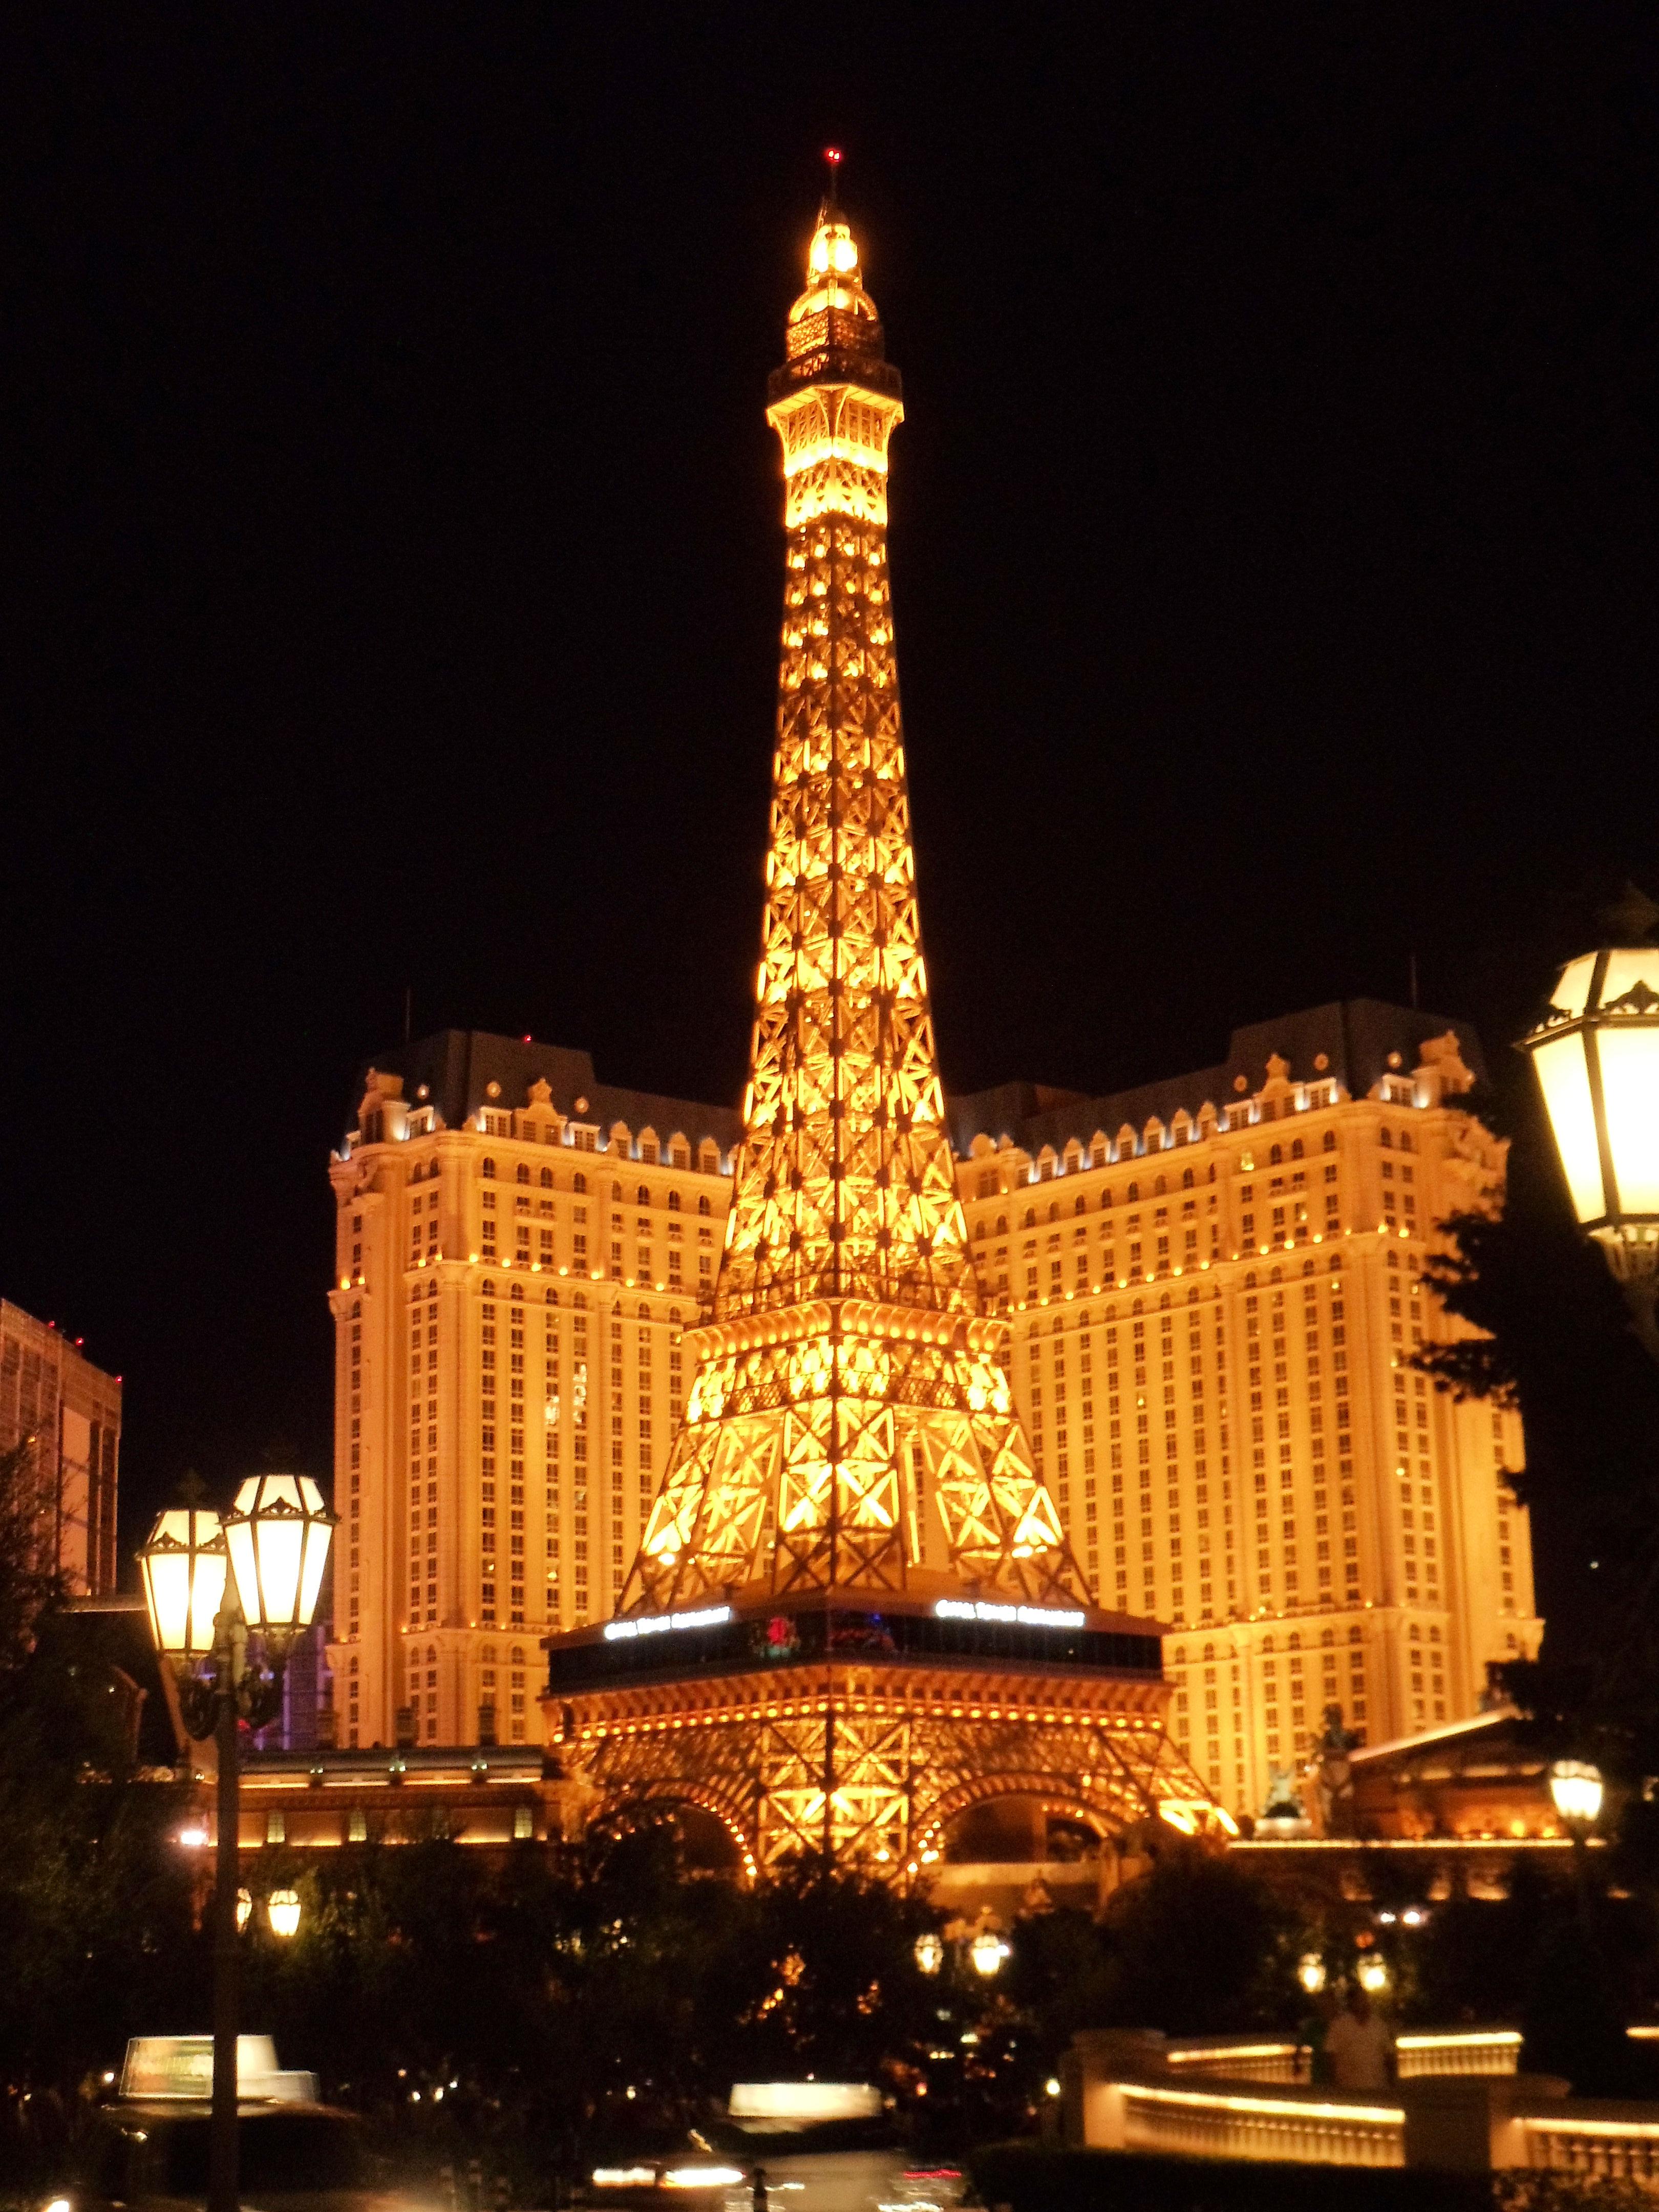 Paris Hotel Las Vegas Email Addreb